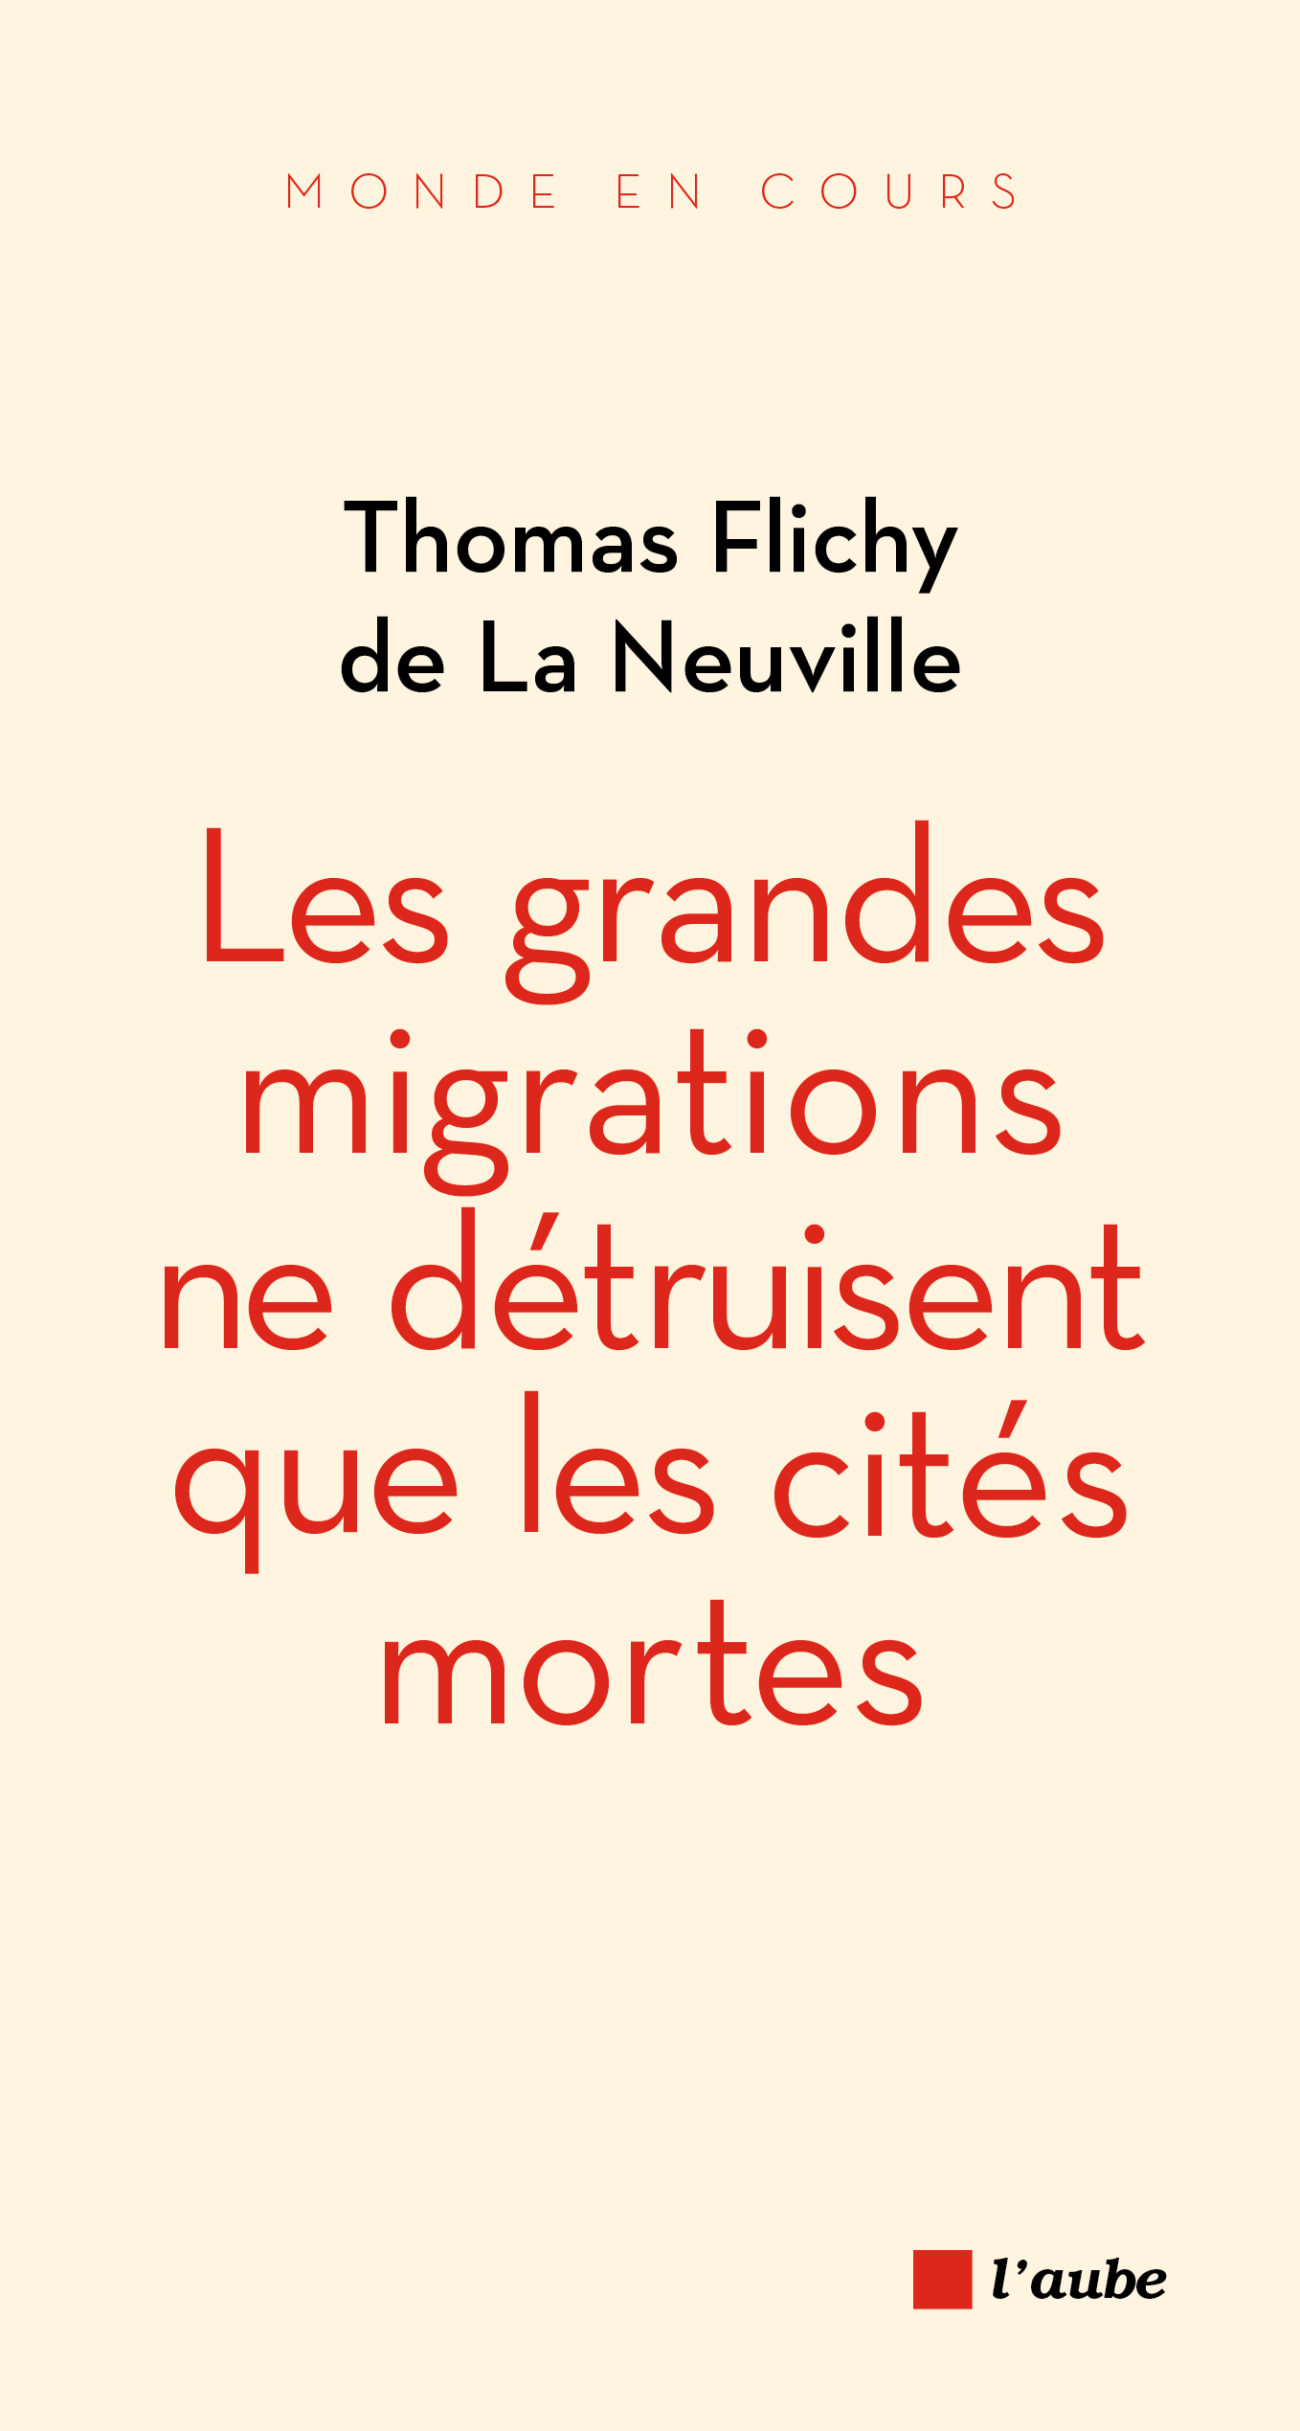 Les grandes migrations ne détruisent que les cités mortes